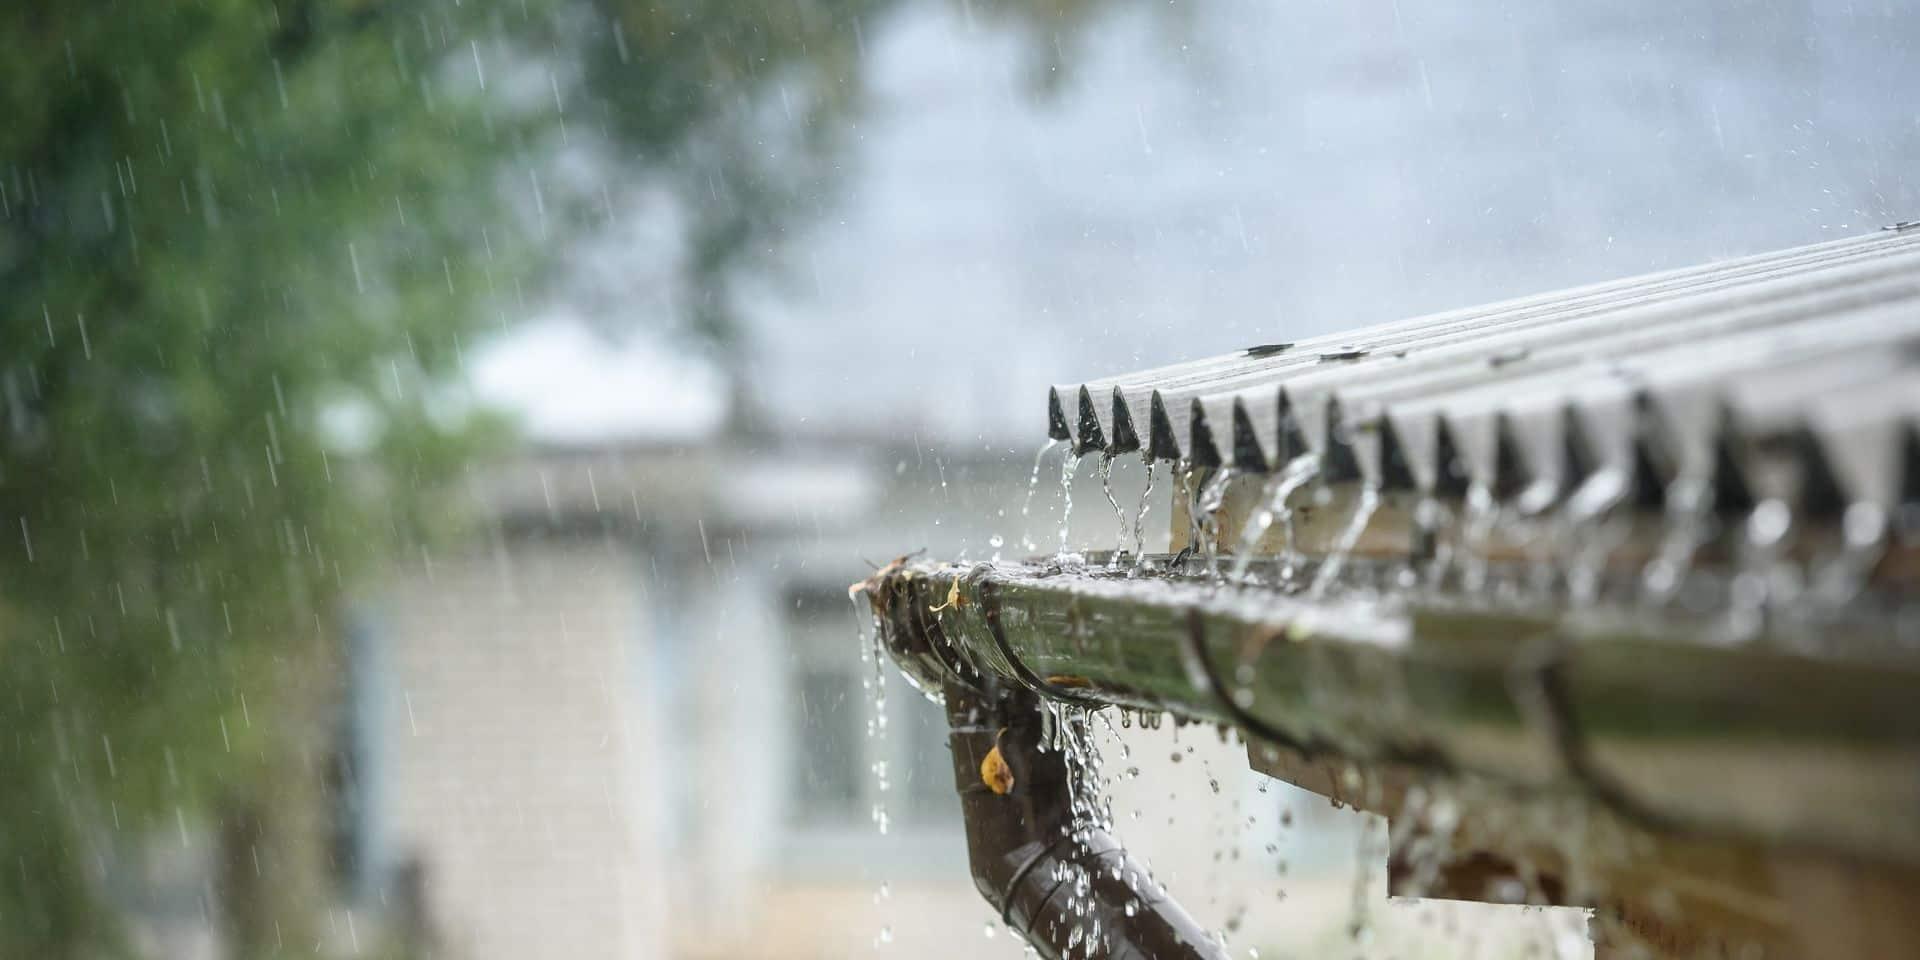 Météo: encore de la pluie en matinée avant le retour d'un temps plus sec